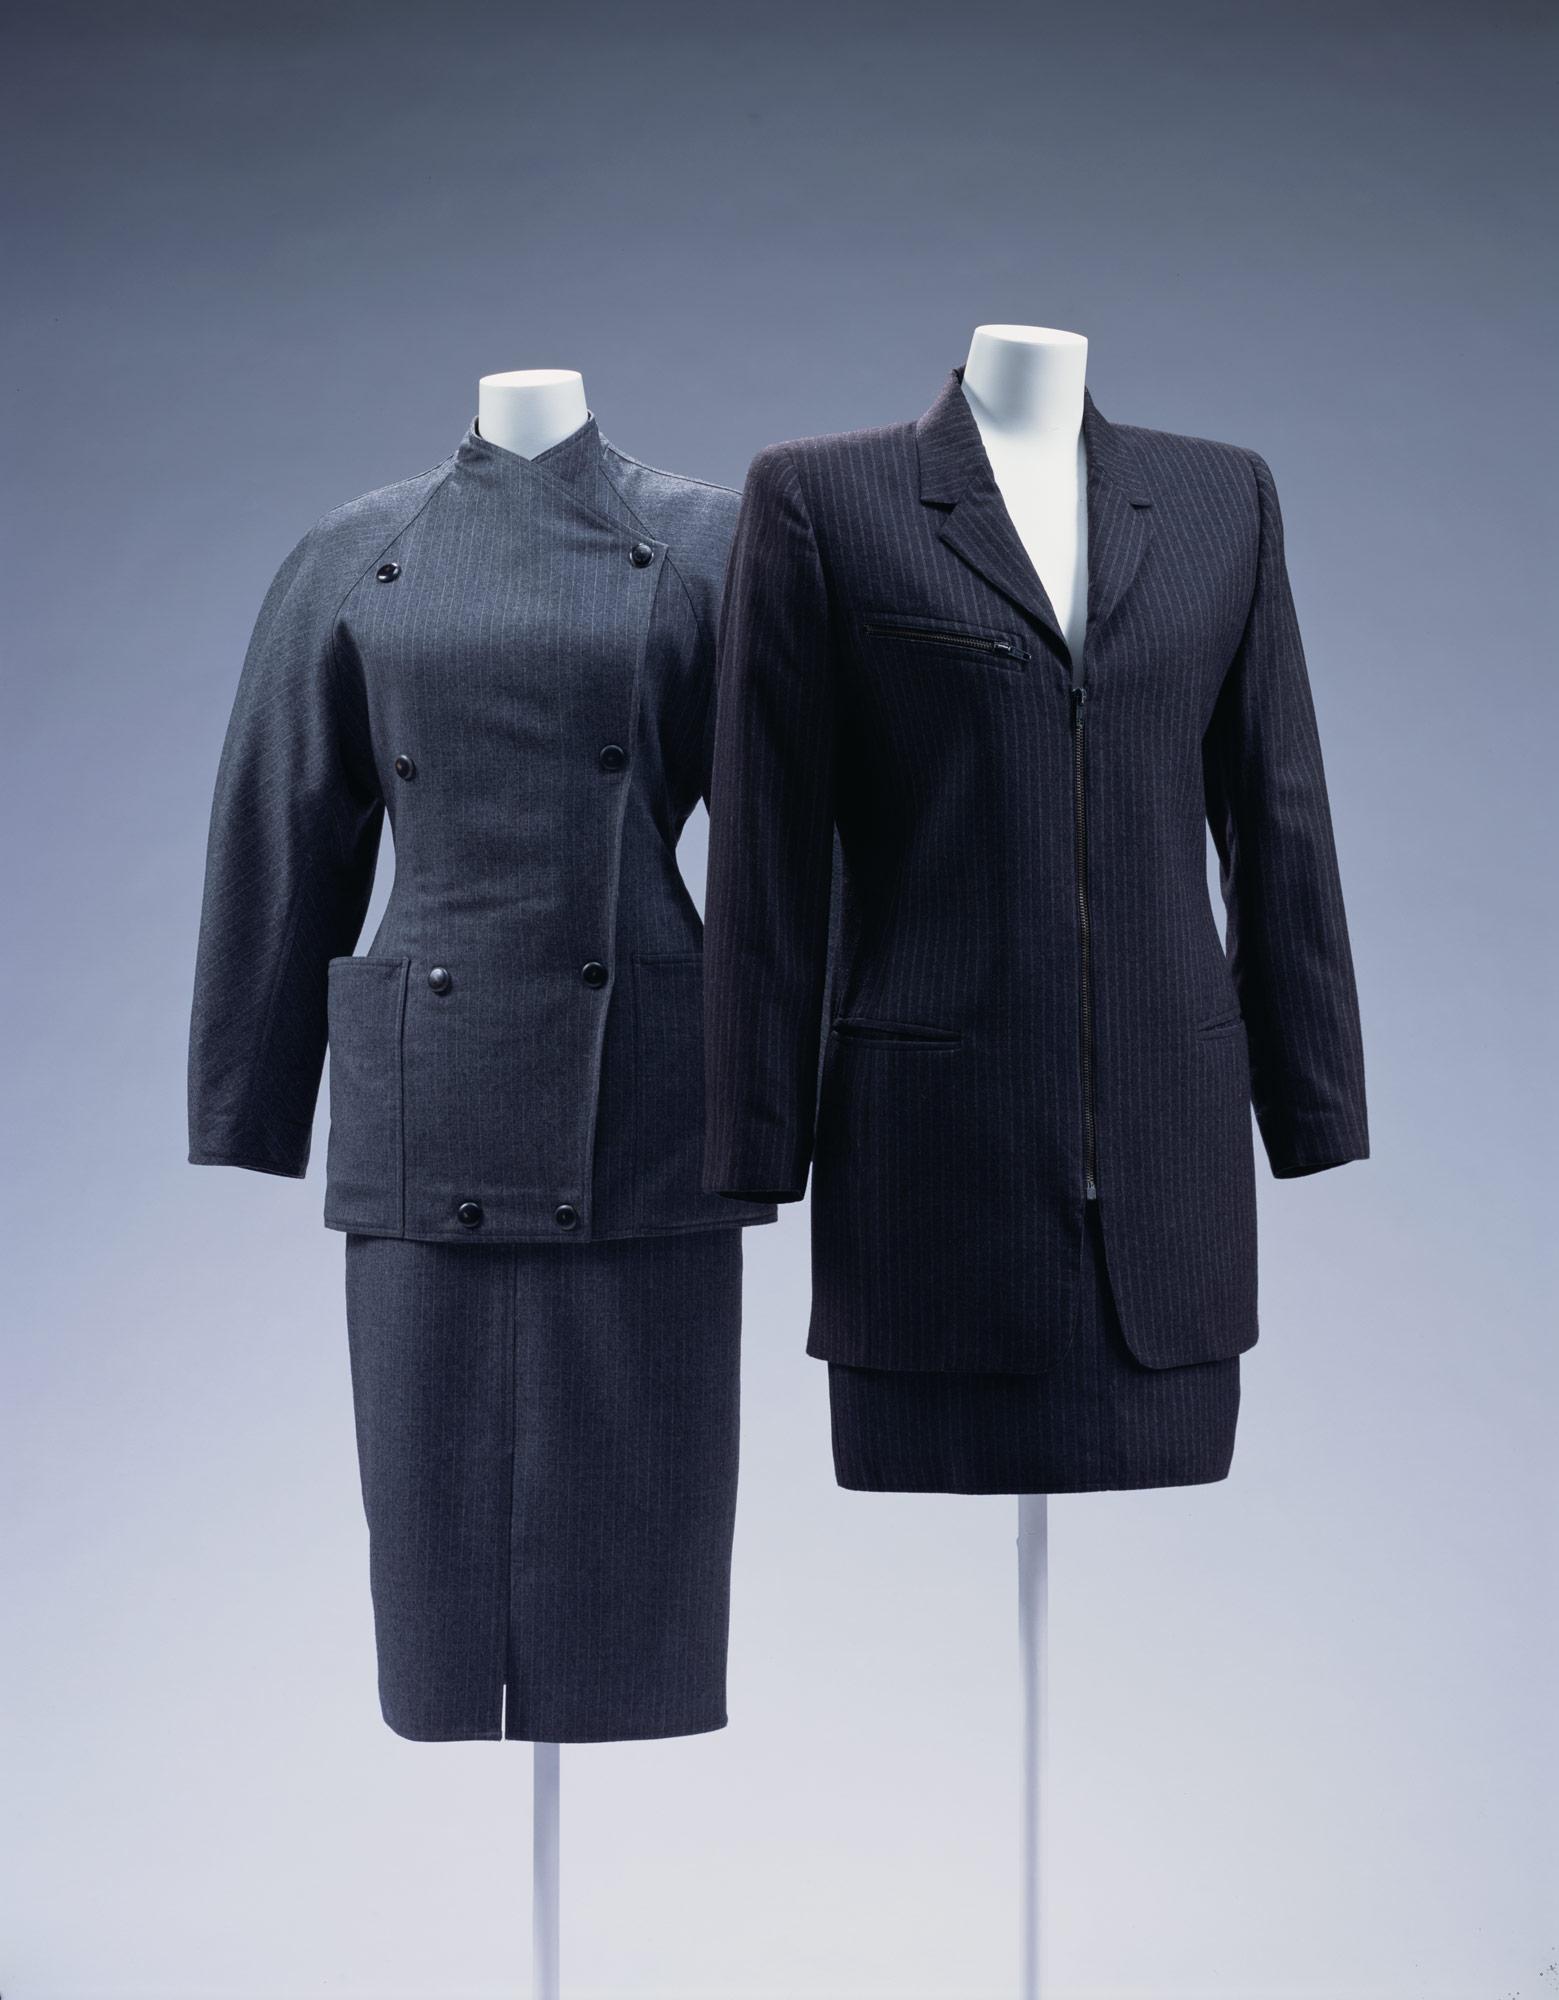 スーツ[左] スーツ[右]